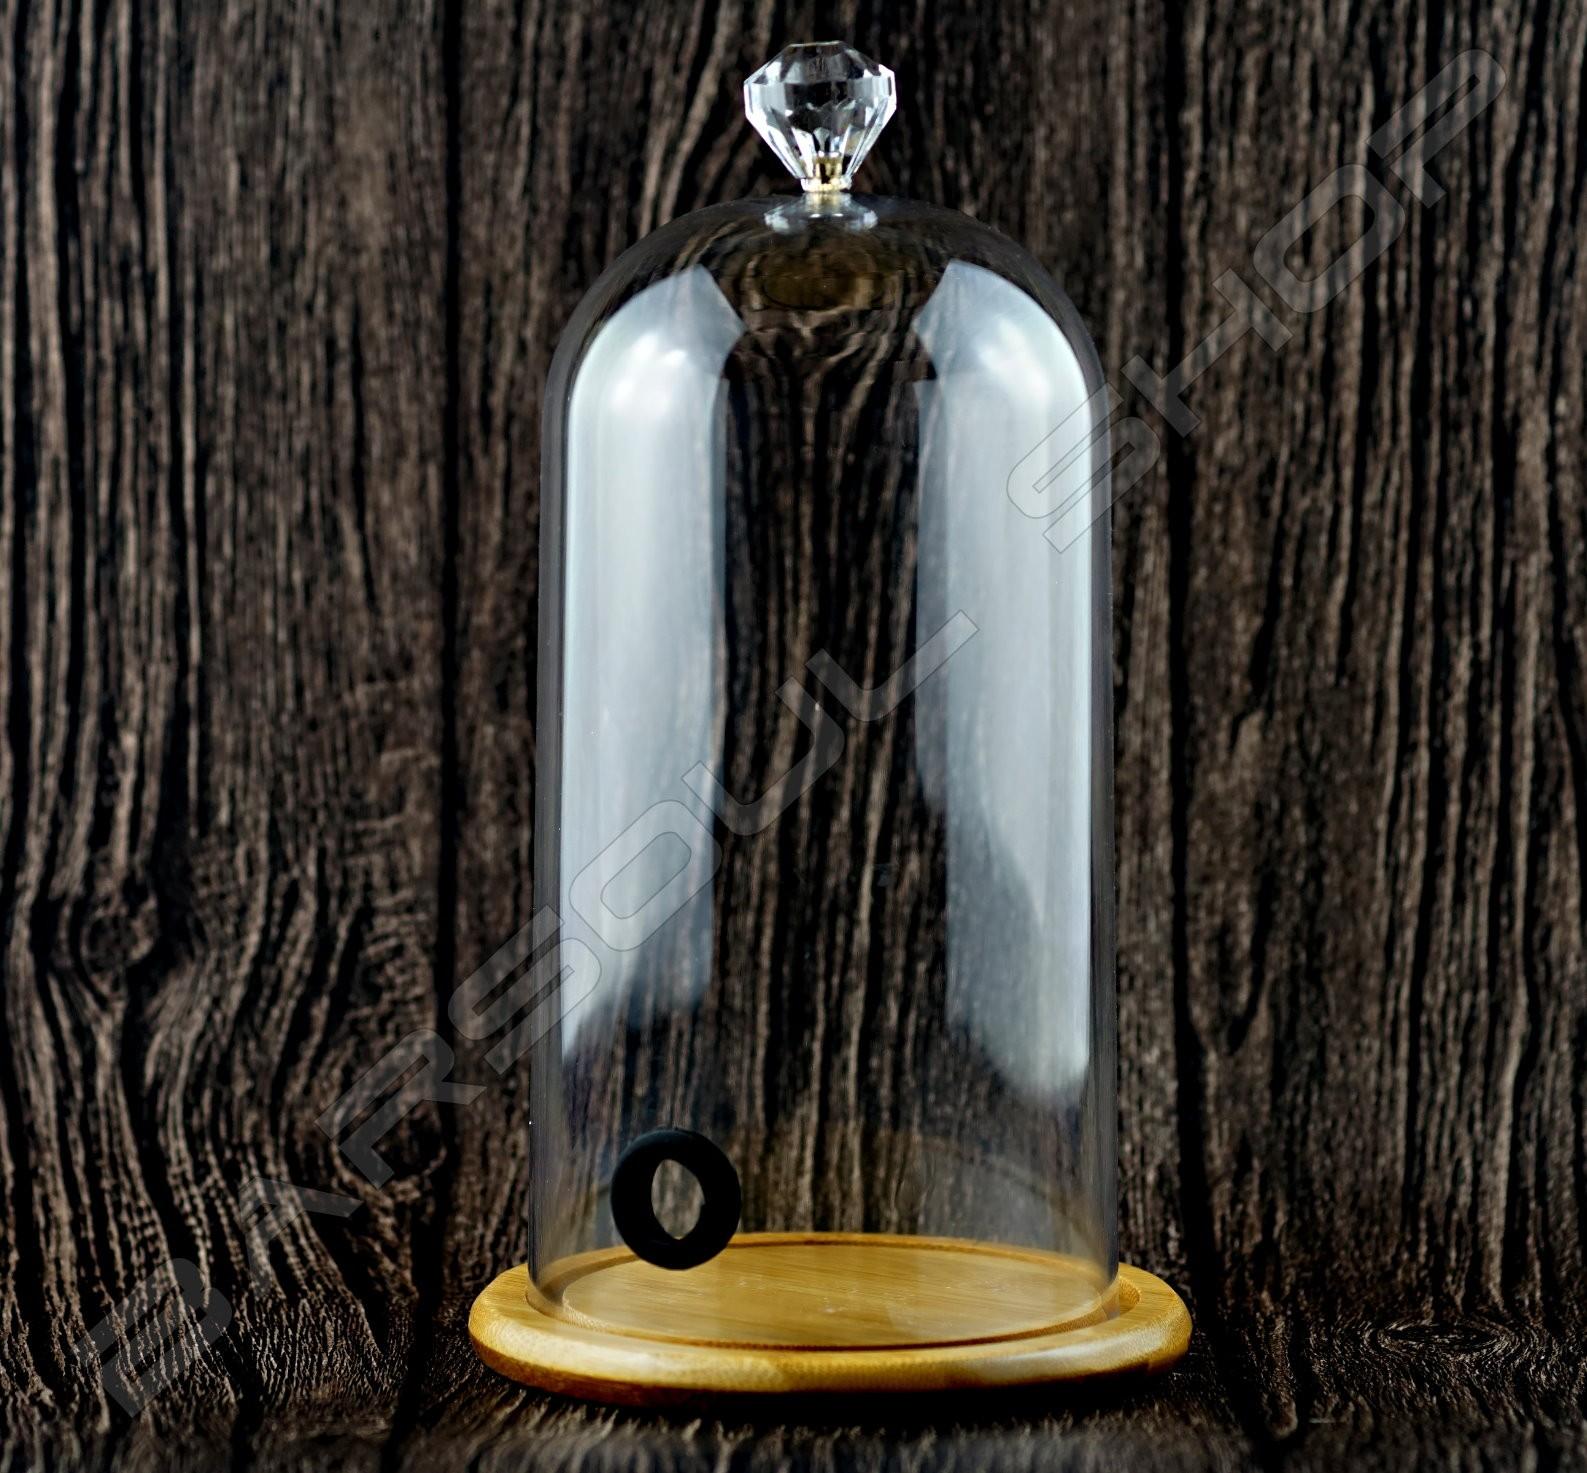 仿玻璃分子煙燻罩 Molecular Smoke hood